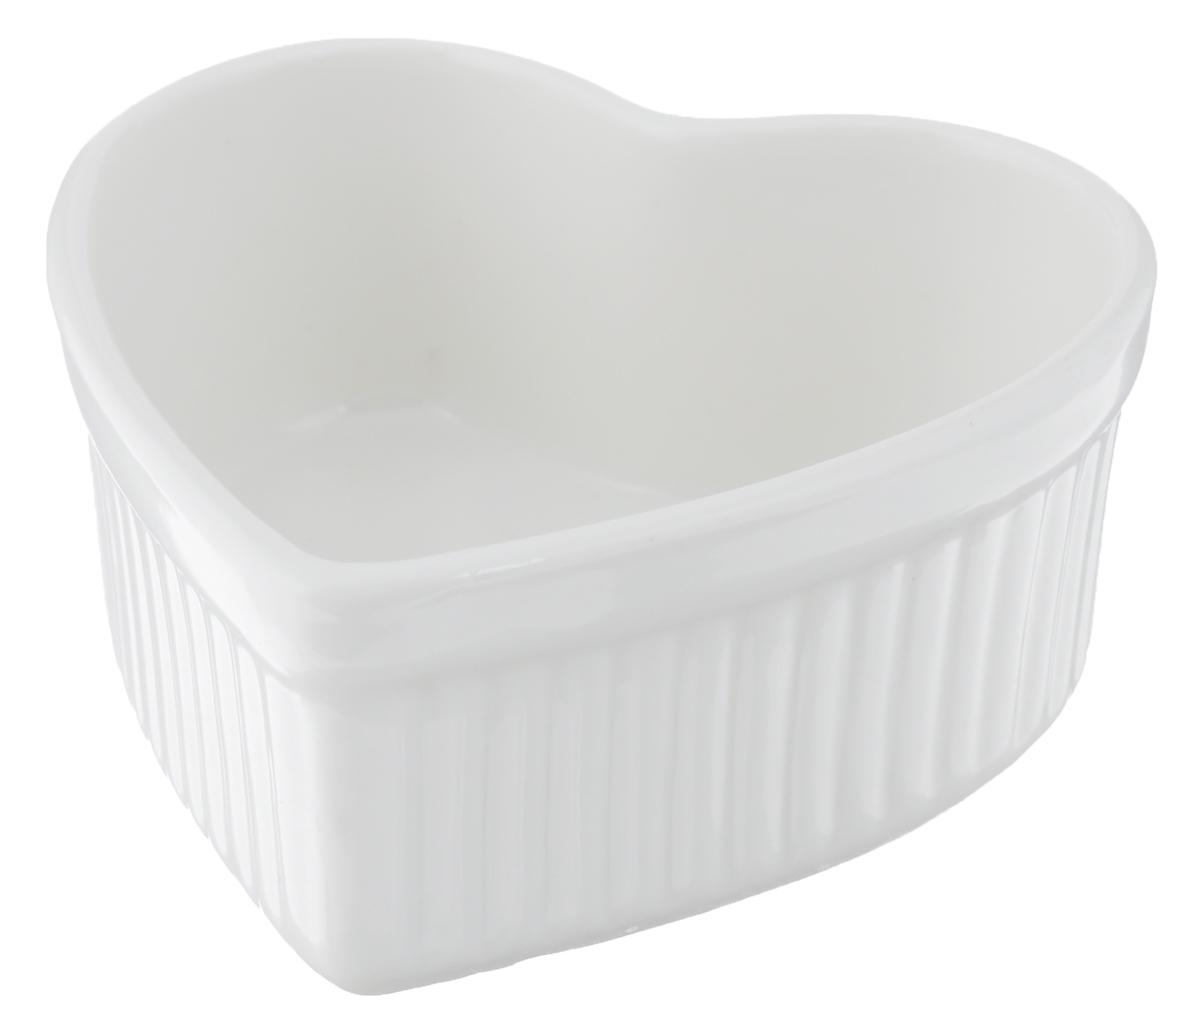 Горшок для запекания Walmer Heart, цвет: белый, 9 х 10 см54 009312Горшок для запекания Walmer Heart изготовлен из высококачественного фарфора и оформлен в форме сердца. Изделие подходит для запекания различных блюд и может быть использовано для подачи на стол.Такое изделие станет отличным дополнением к вашему кухонному инвентарю, а также украсит сервировку стола и подчеркнет прекрасный вкус хозяина. Можно использовать в микроволновой печи.Размер изделия : 9 х 10 х 4 см.